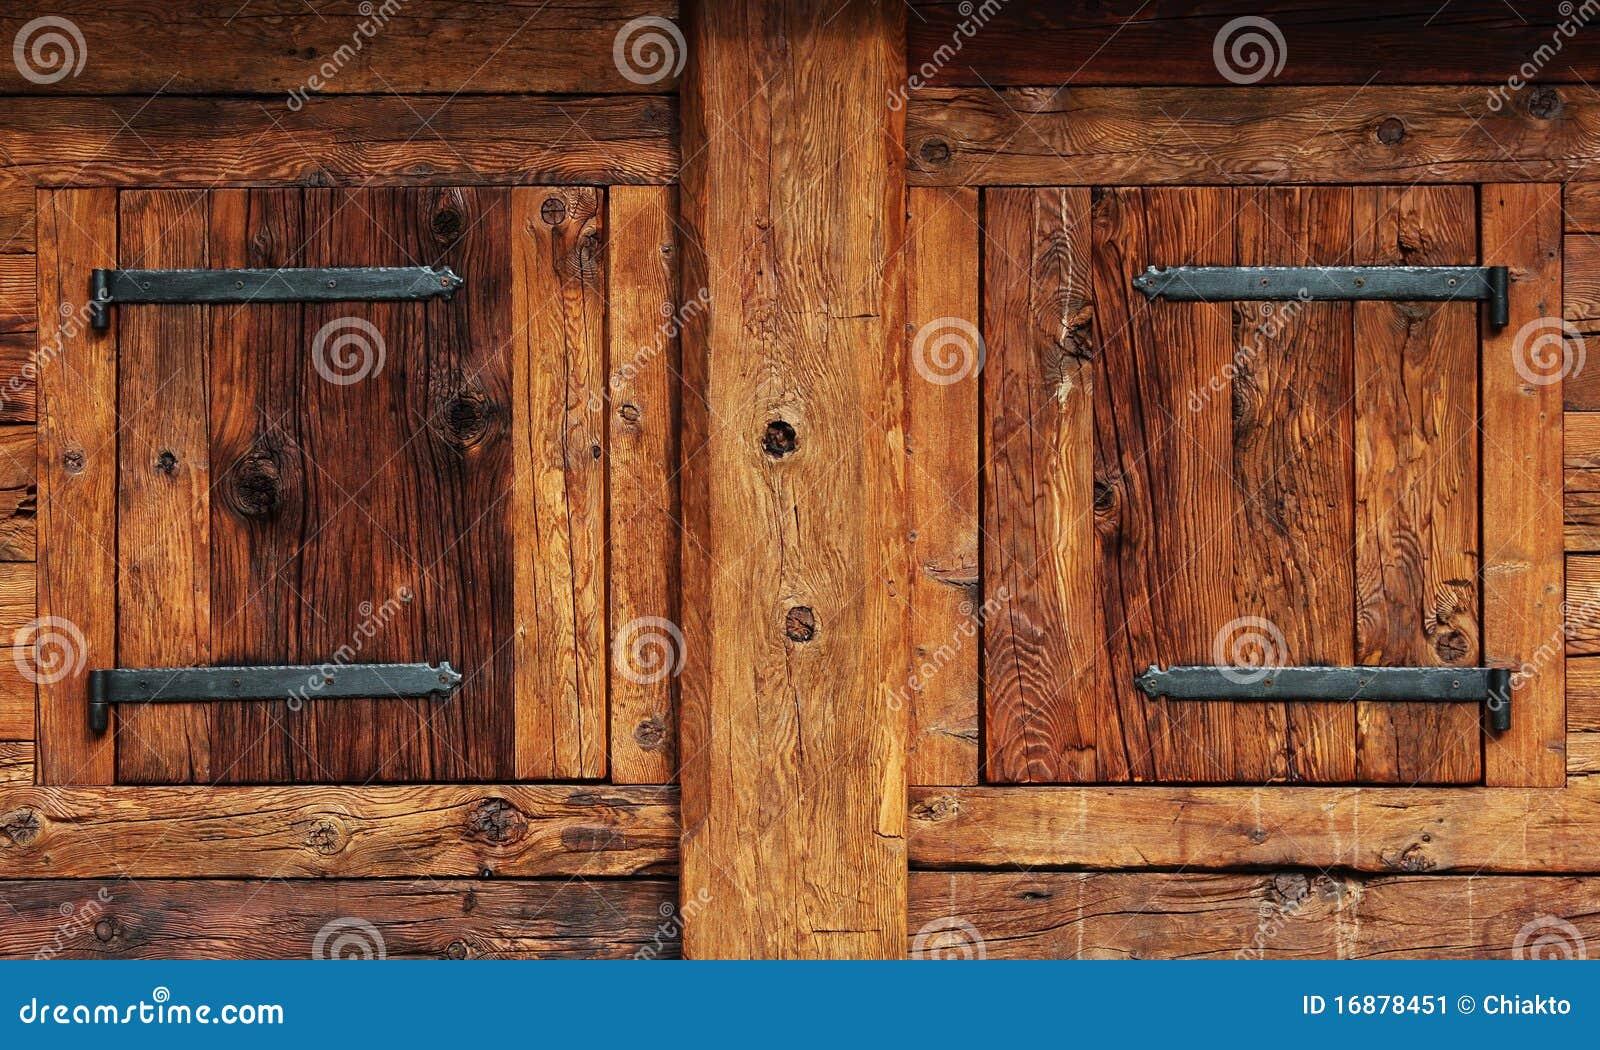 Finestre chiuse di legno immagine stock immagine di artigianato 16878451 - Finestre di legno ...